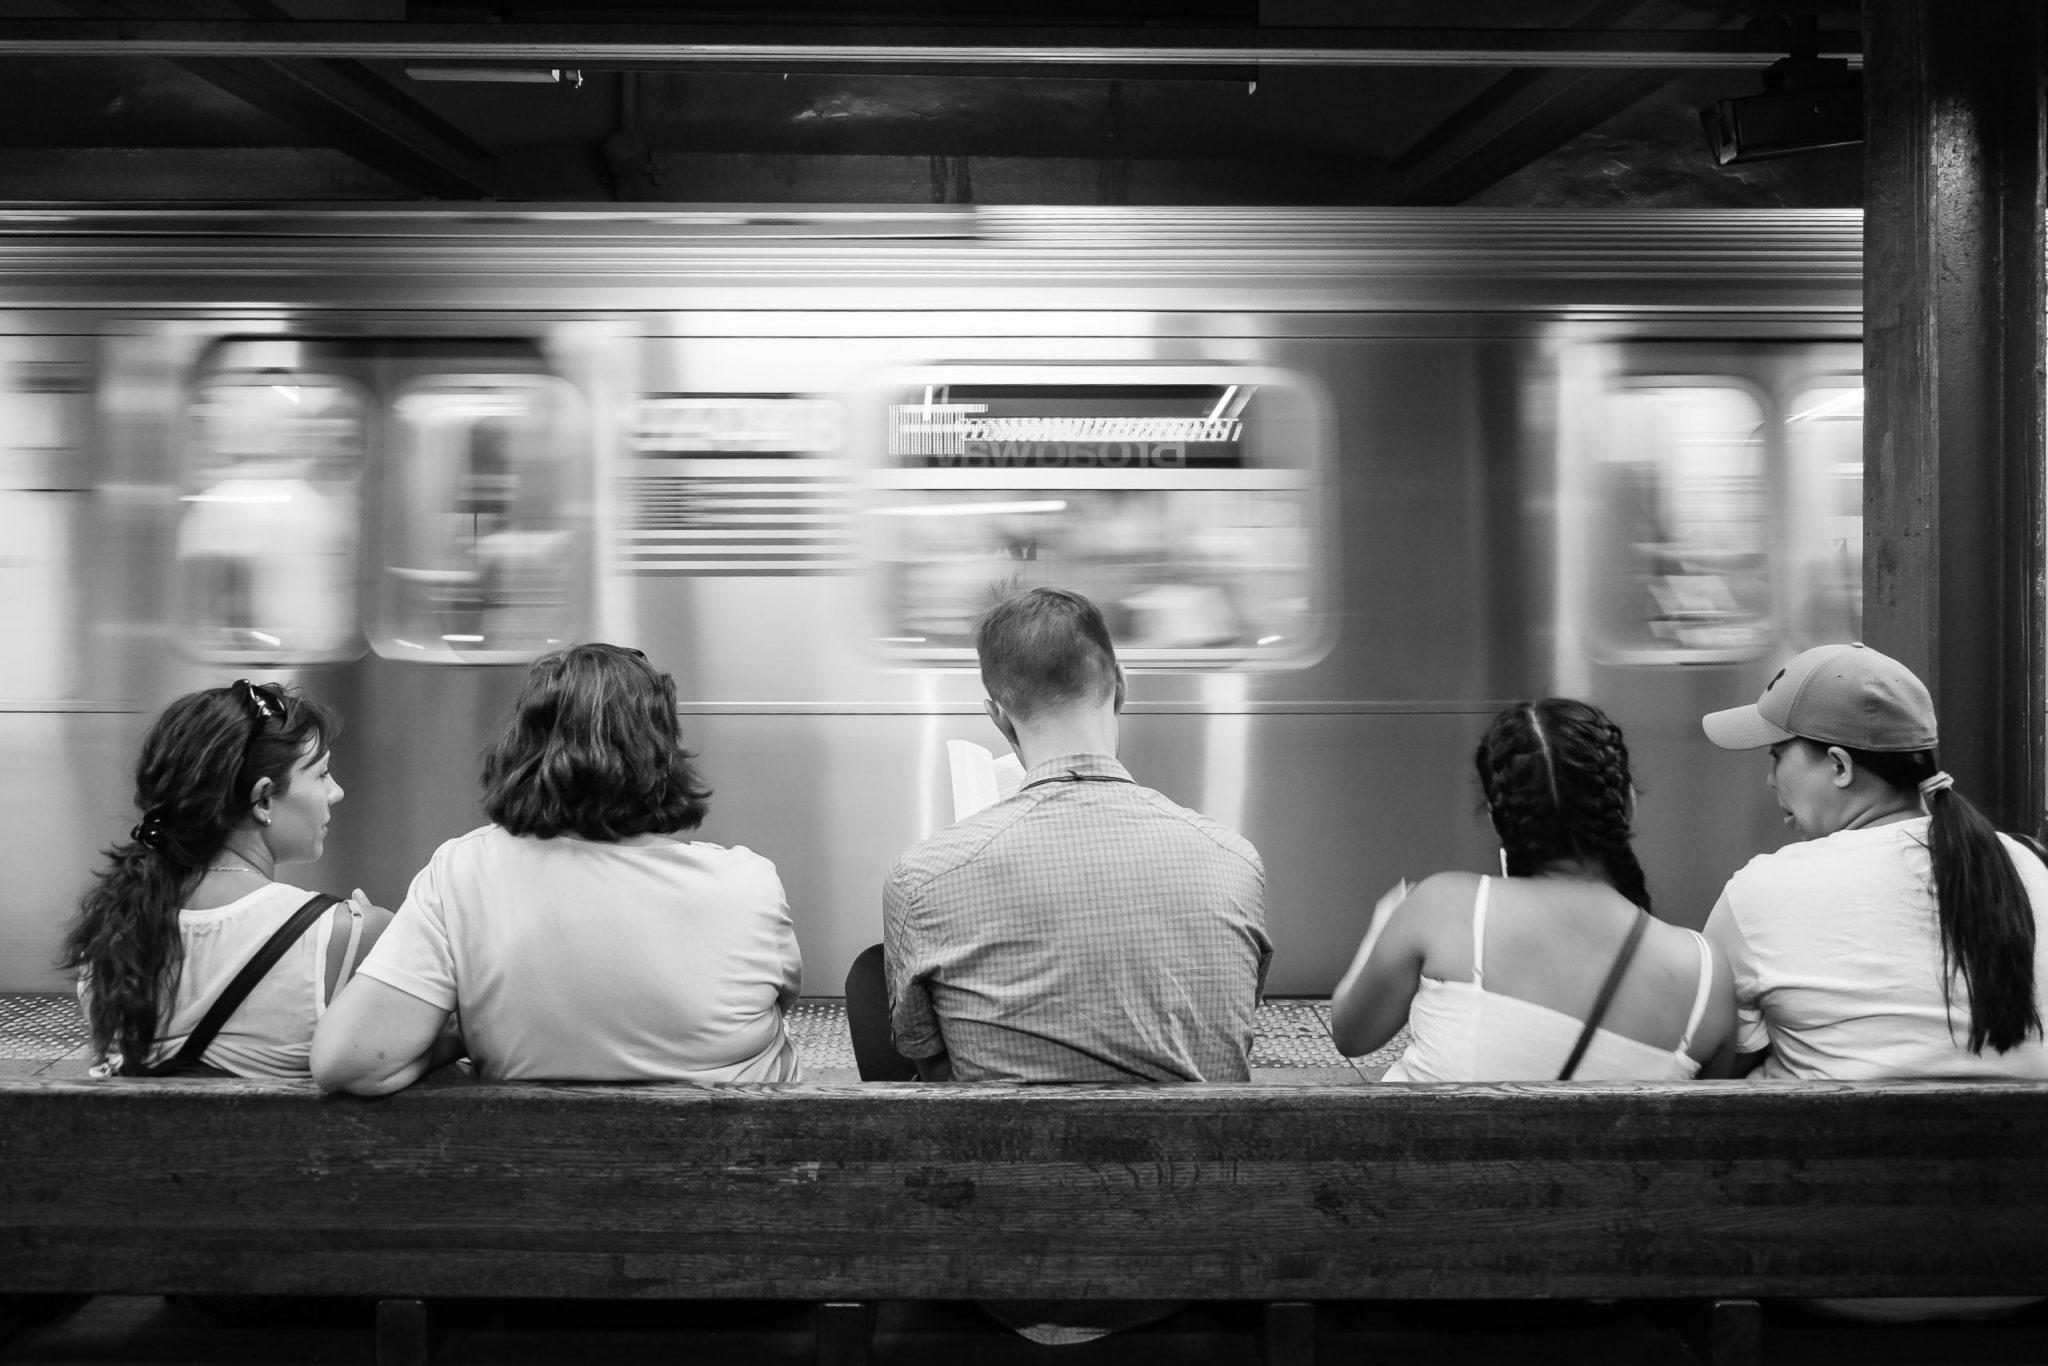 The New York Subway.